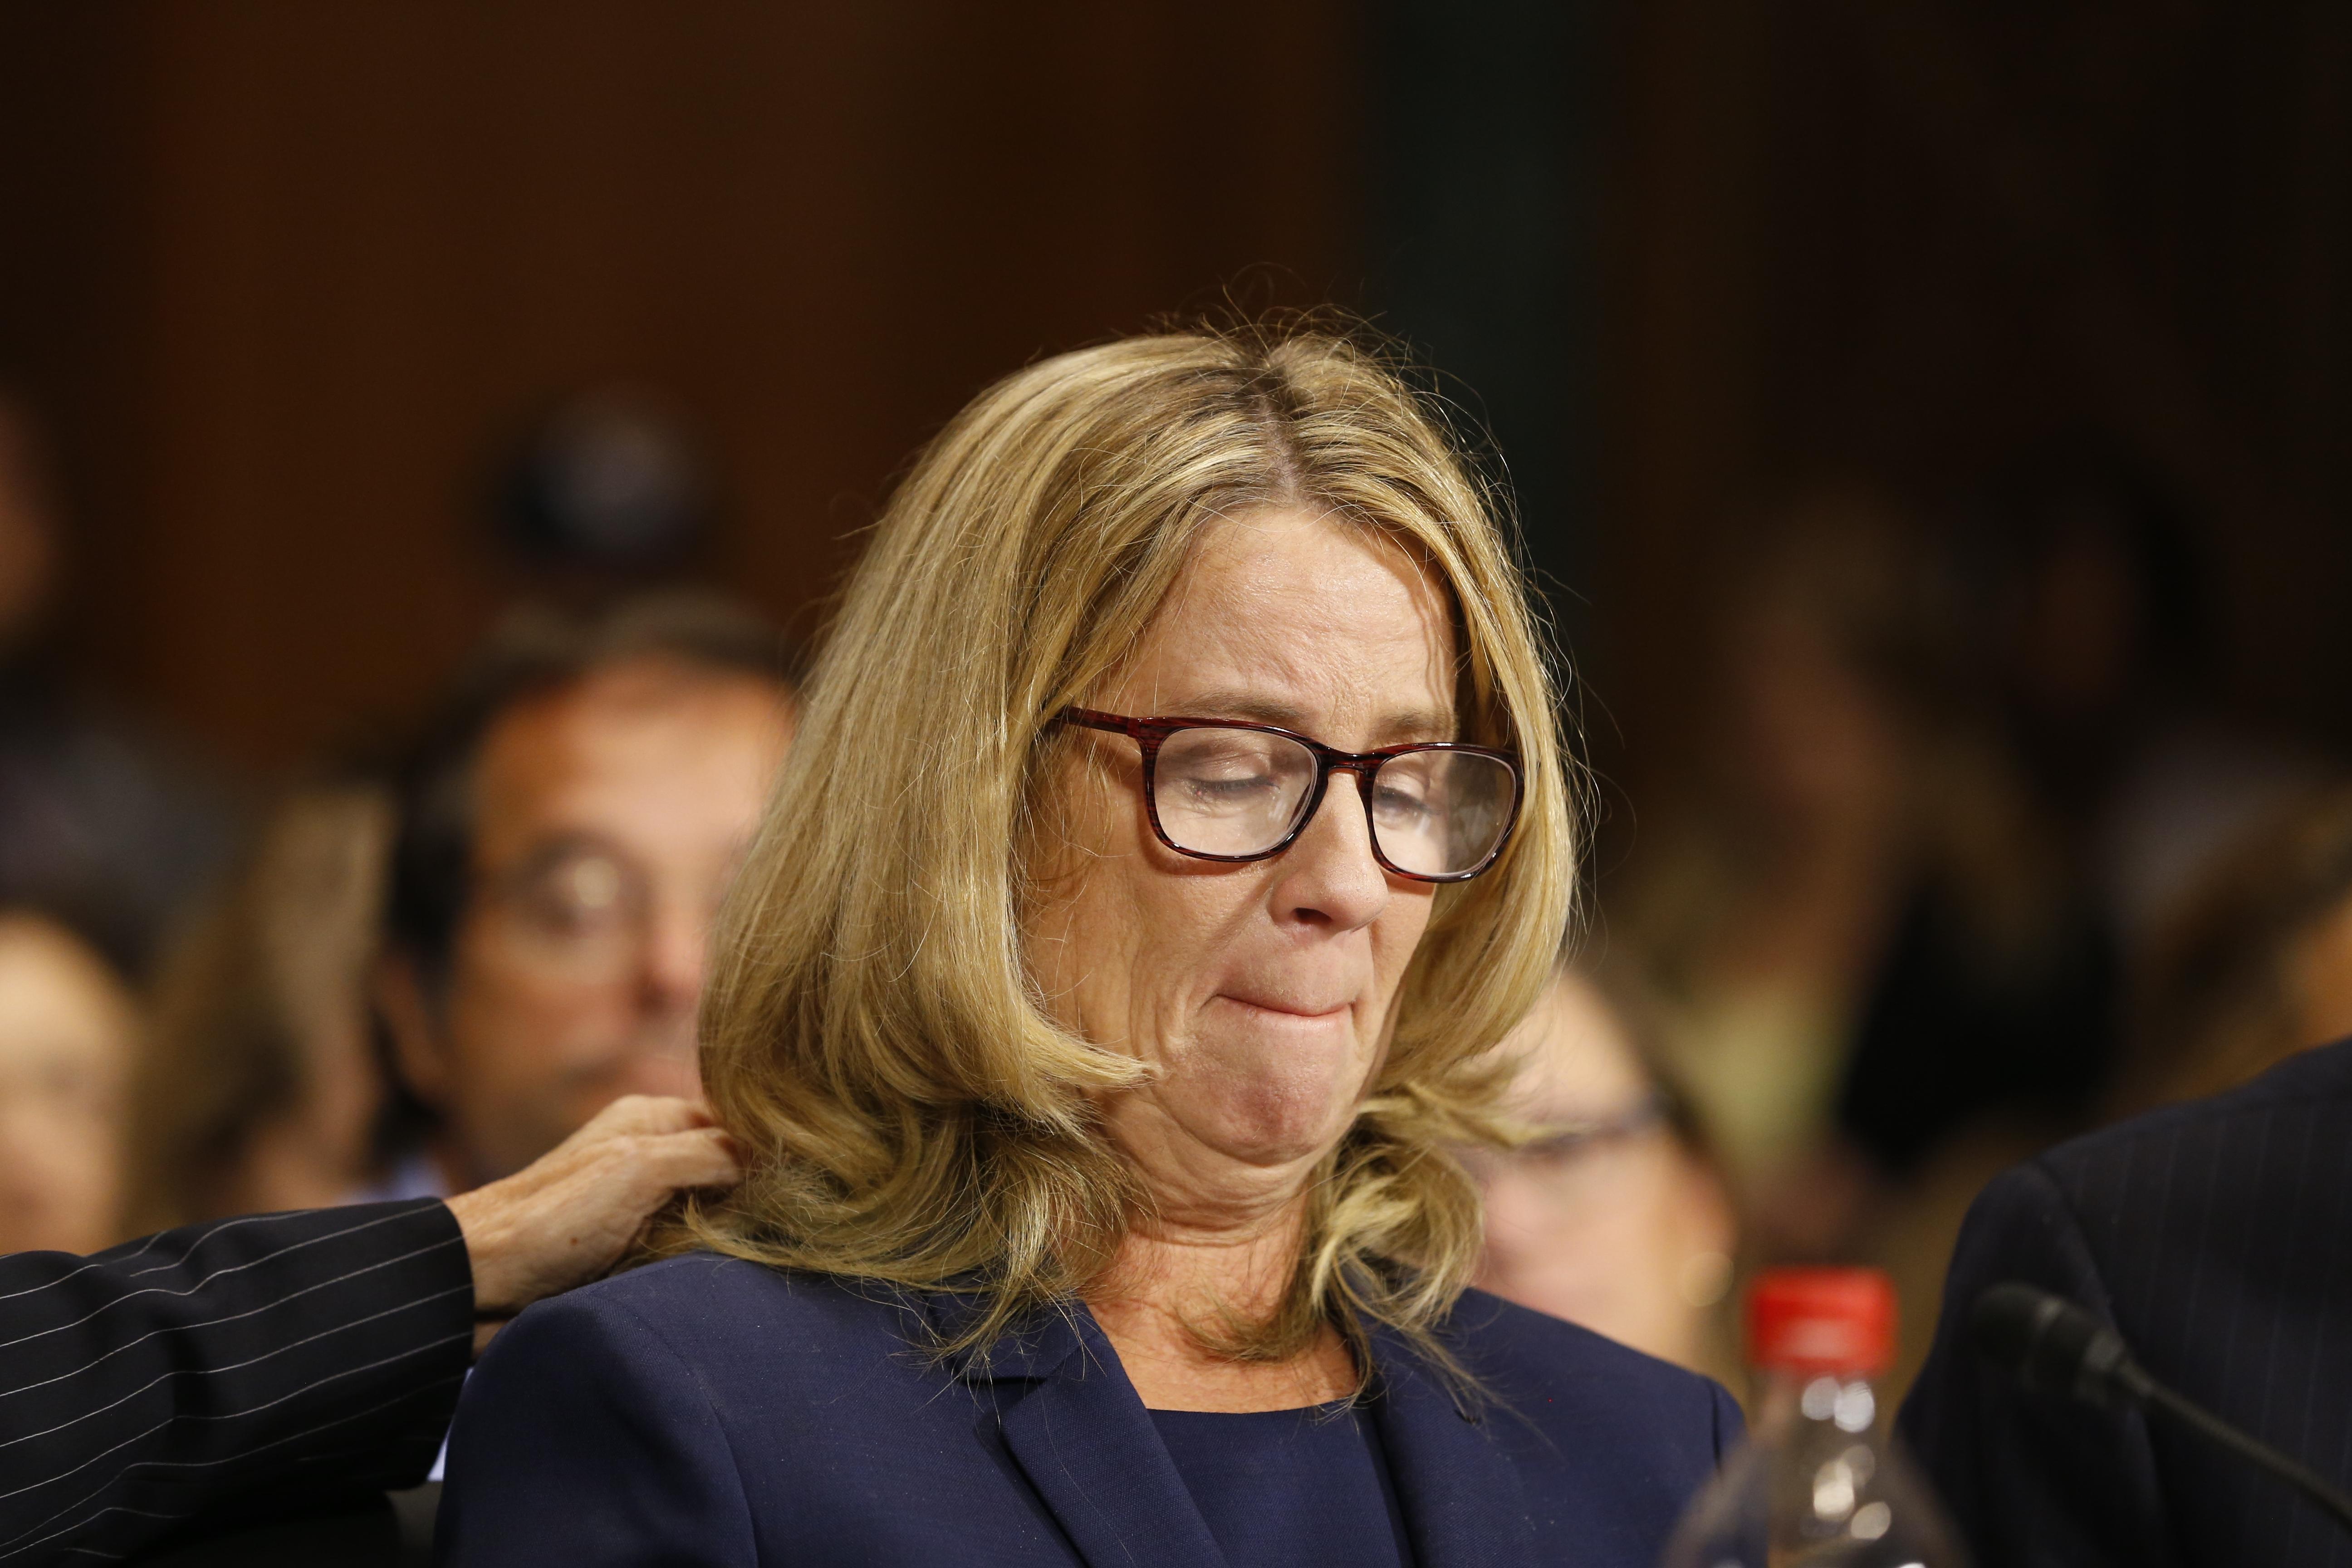 Christine Blasey Ford szenátusi bizottság előtt beszélt arról, hogy Brett Kavanaugh a középiskolában megpróbálta megerőszakolni